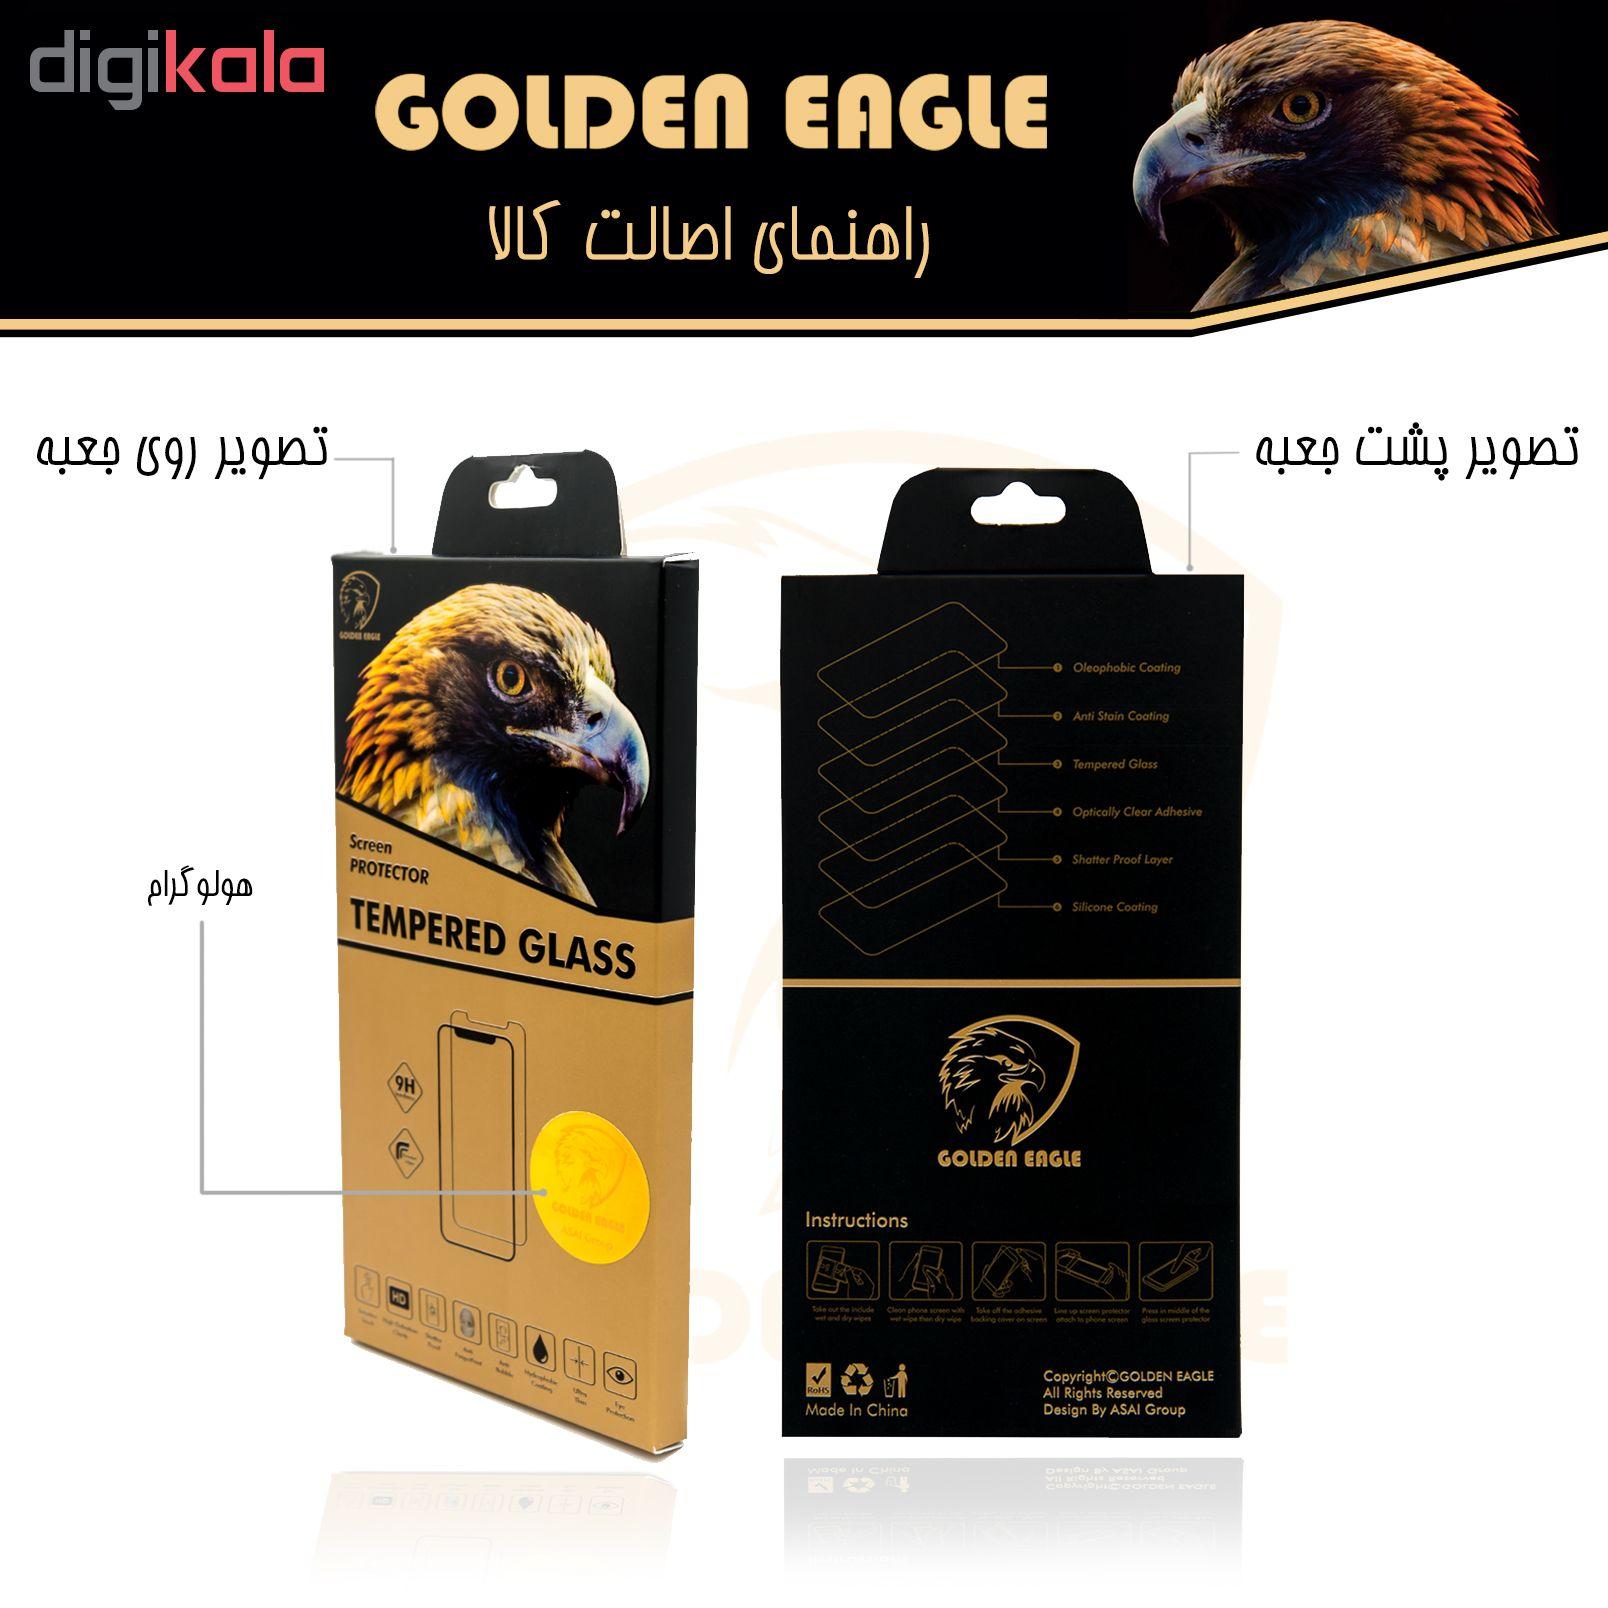 محافظ صفحه نمایش گلدن ایگل مدل DFC-X2 مناسب برای گوشی موبایل سامسونگ Galaxy S9 Plus بسته دو عددی main 1 5